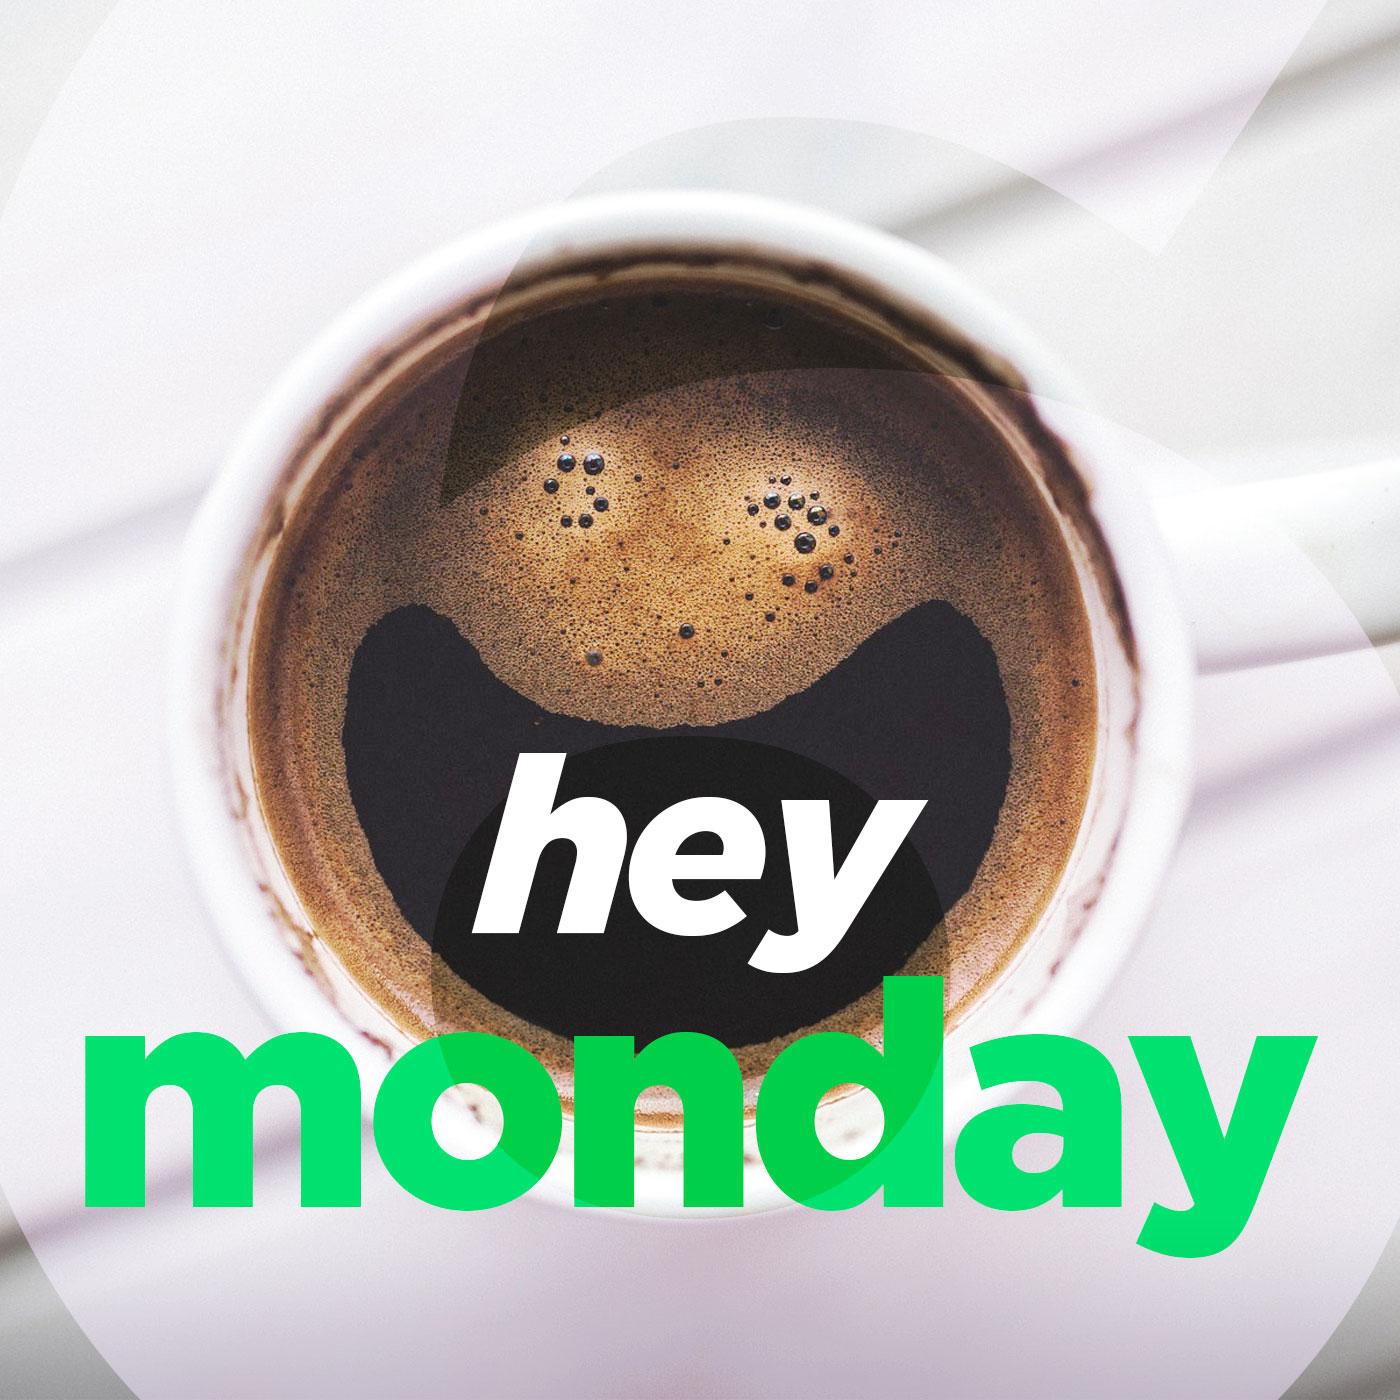 Hey Monday - 6 - 03/11/18